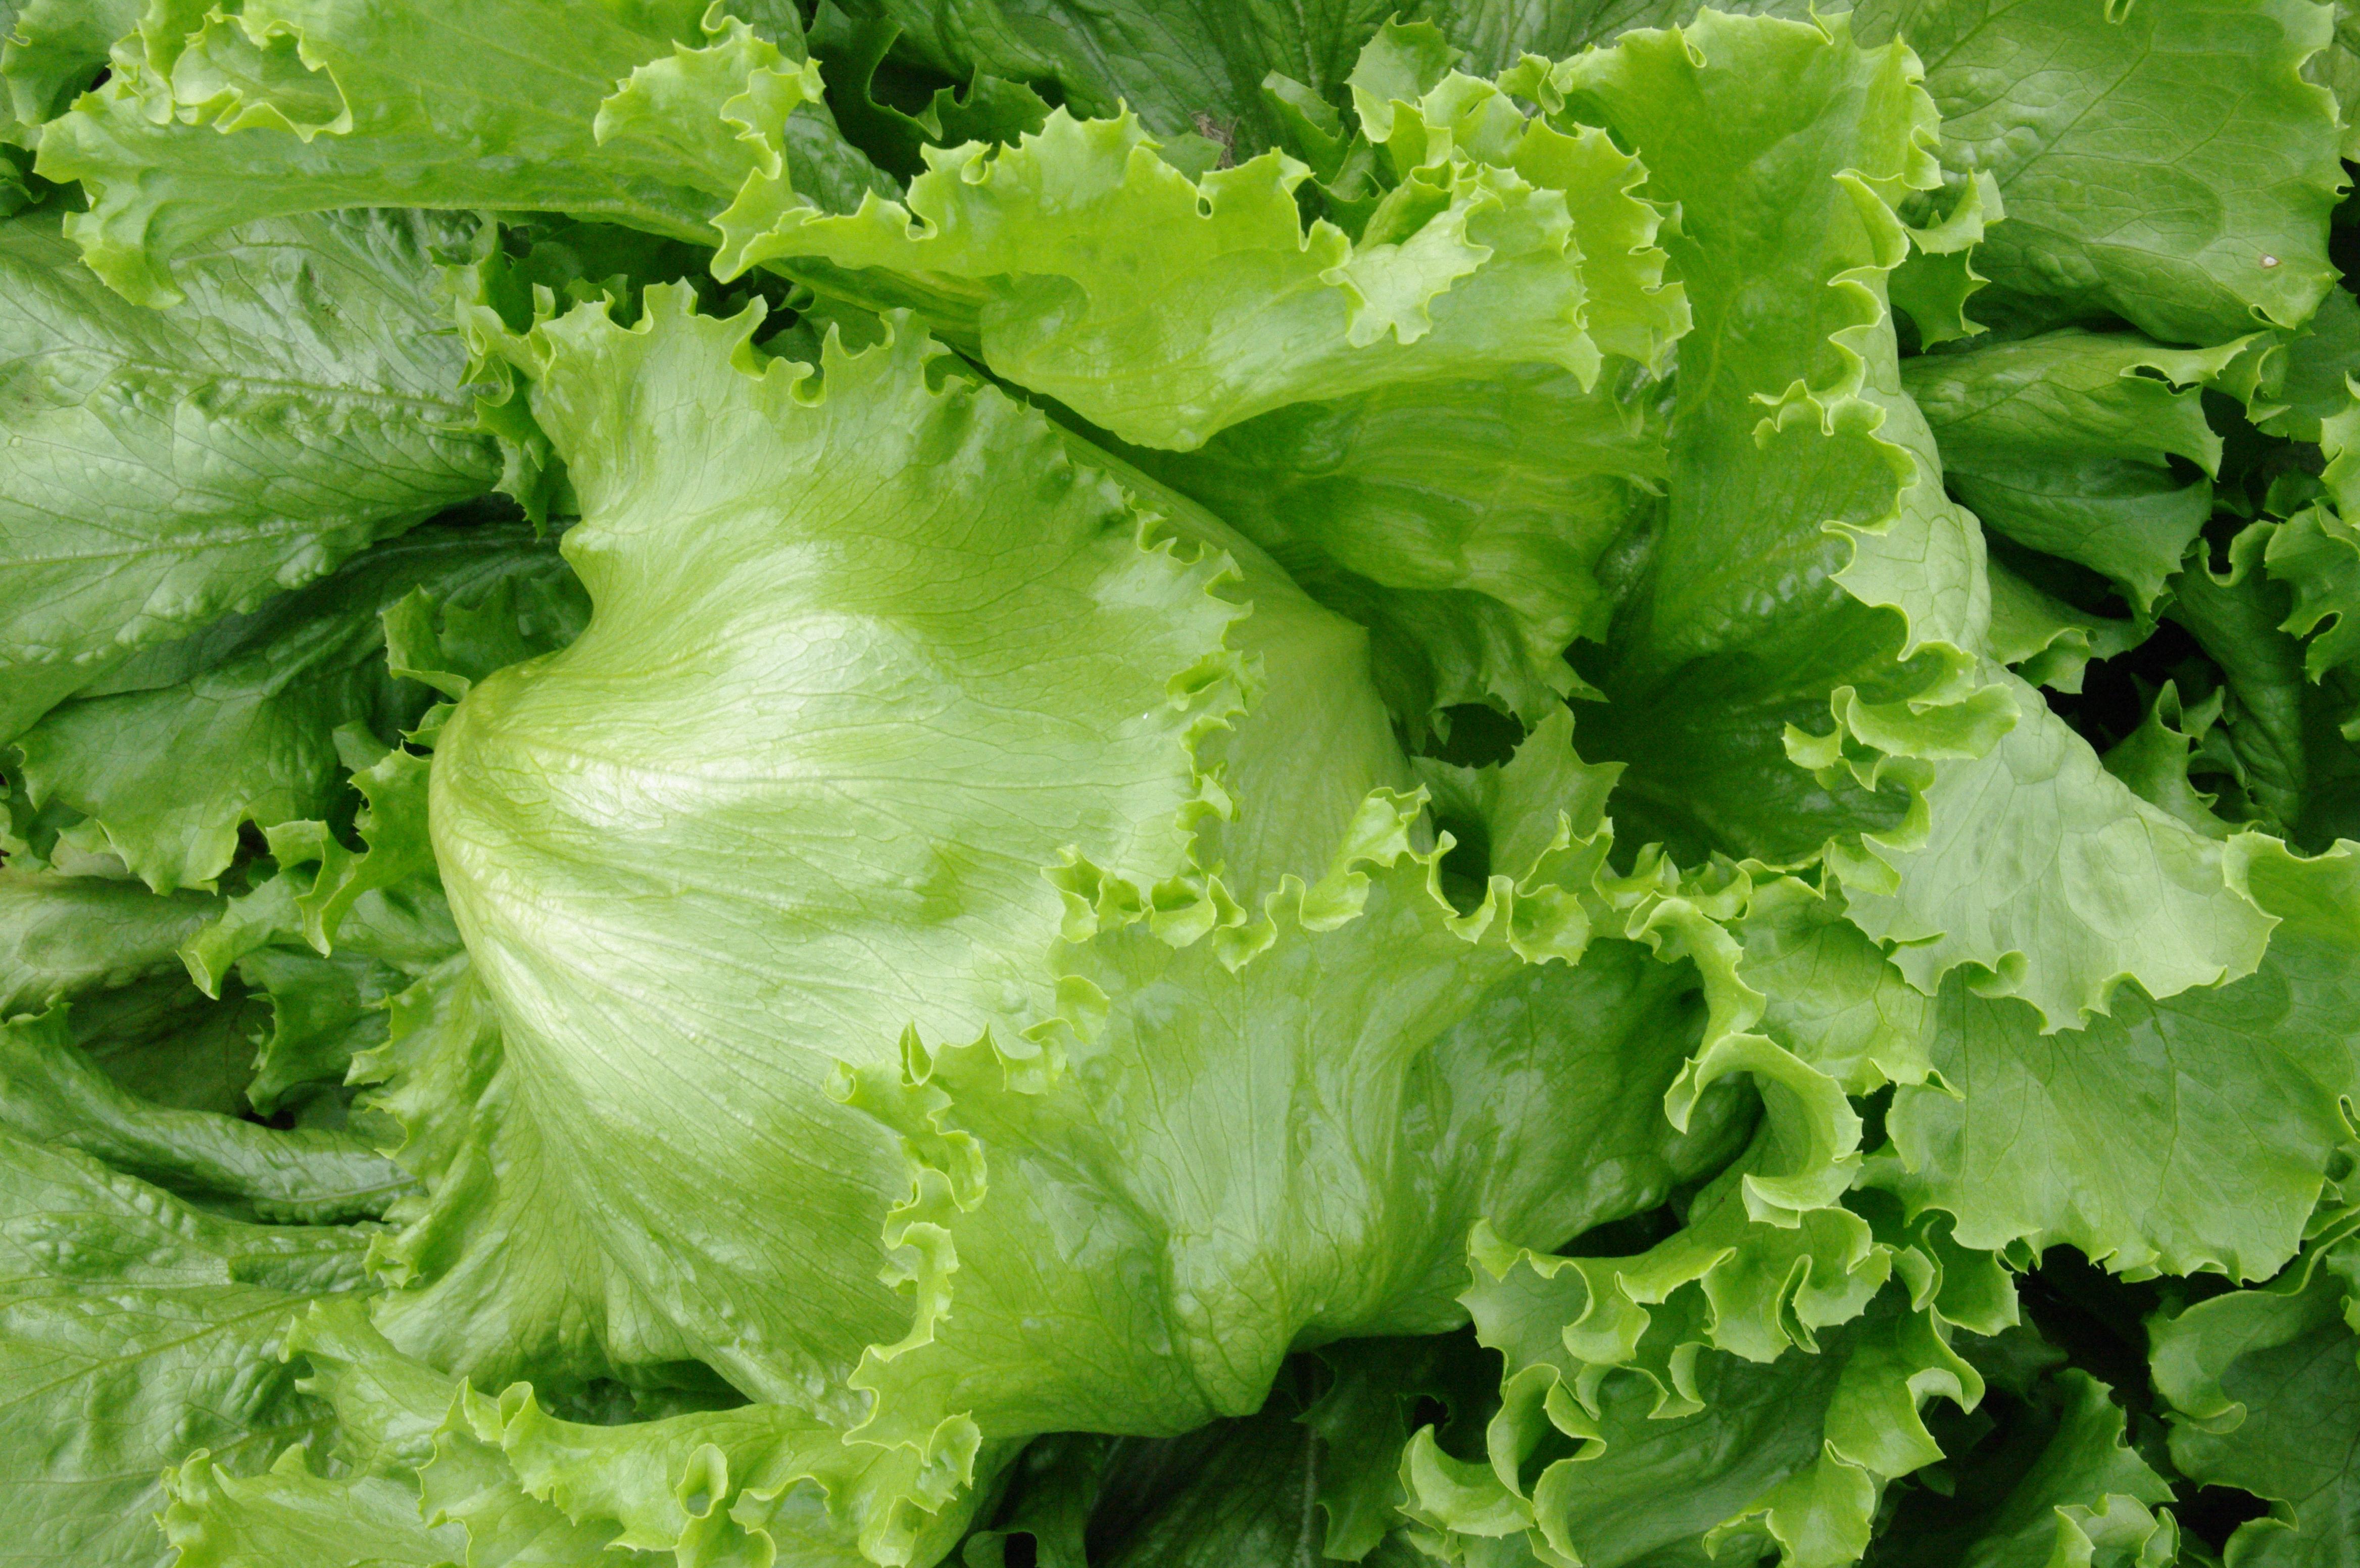 ビタミンEが入っている葉菜類のレタスの賞味期限と保存方法ご紹介のサムネイル画像